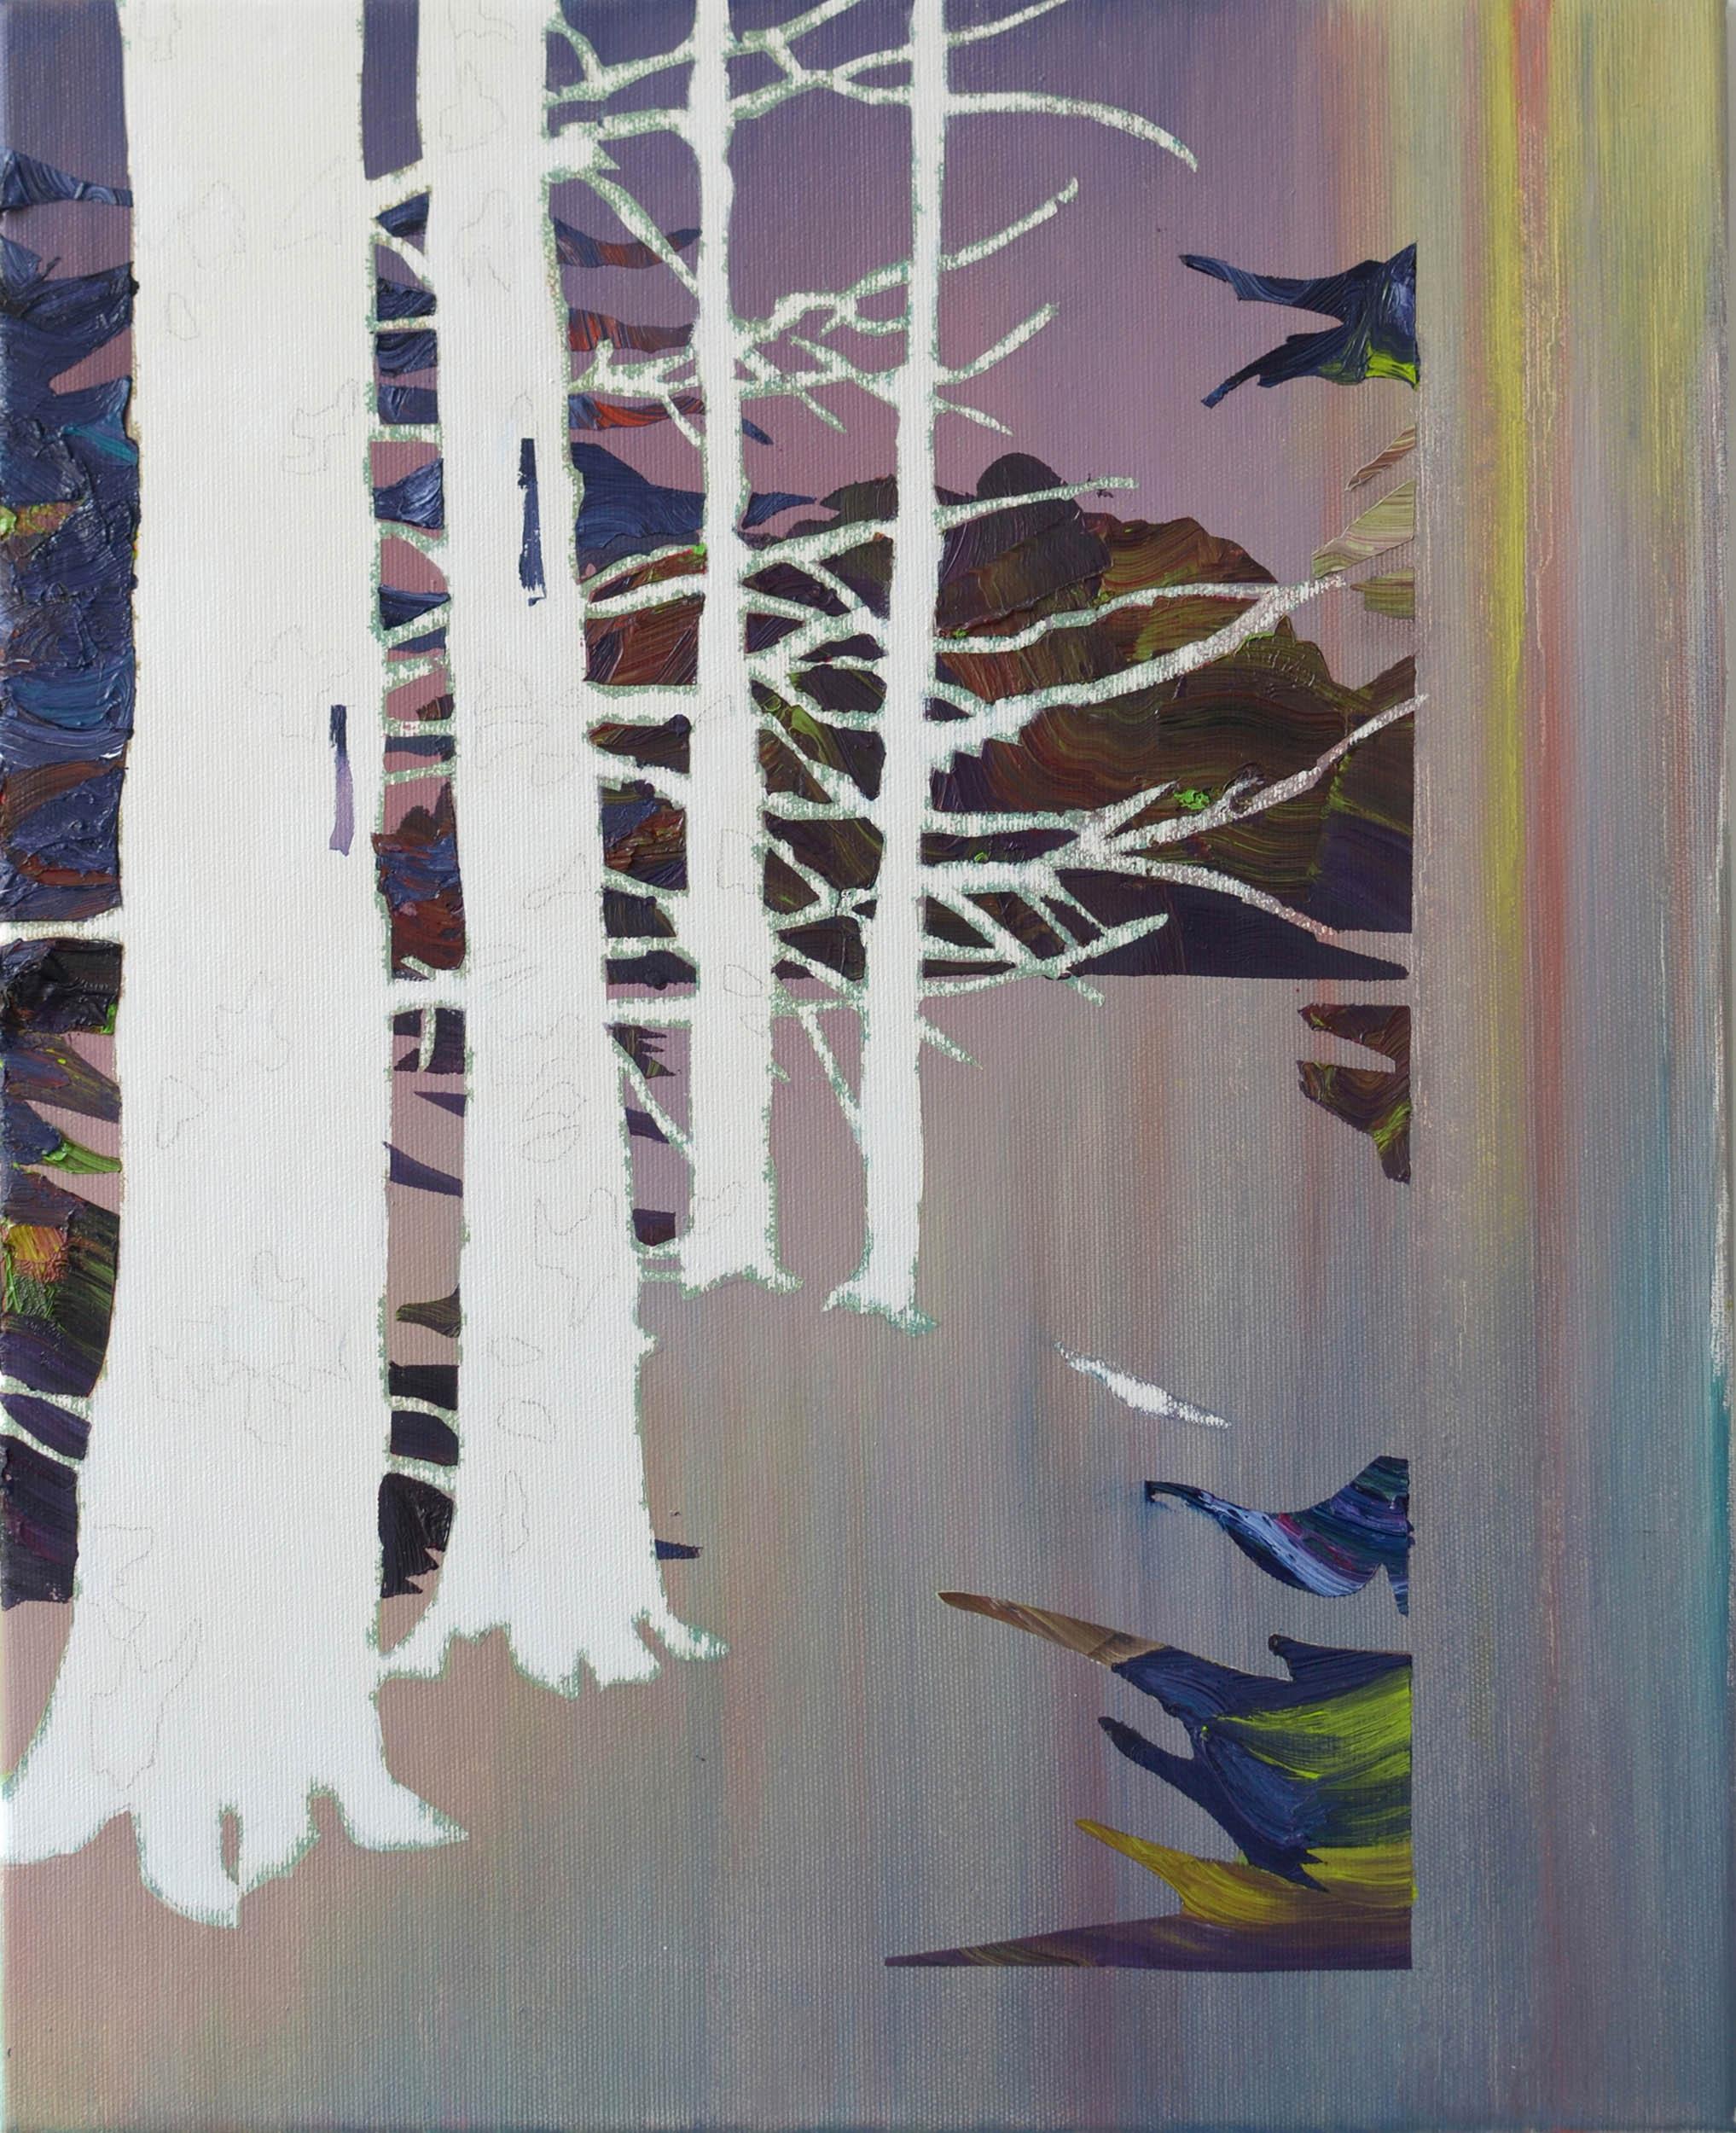 Gehölz  oil on canvas 50 x 40 cm, 2012